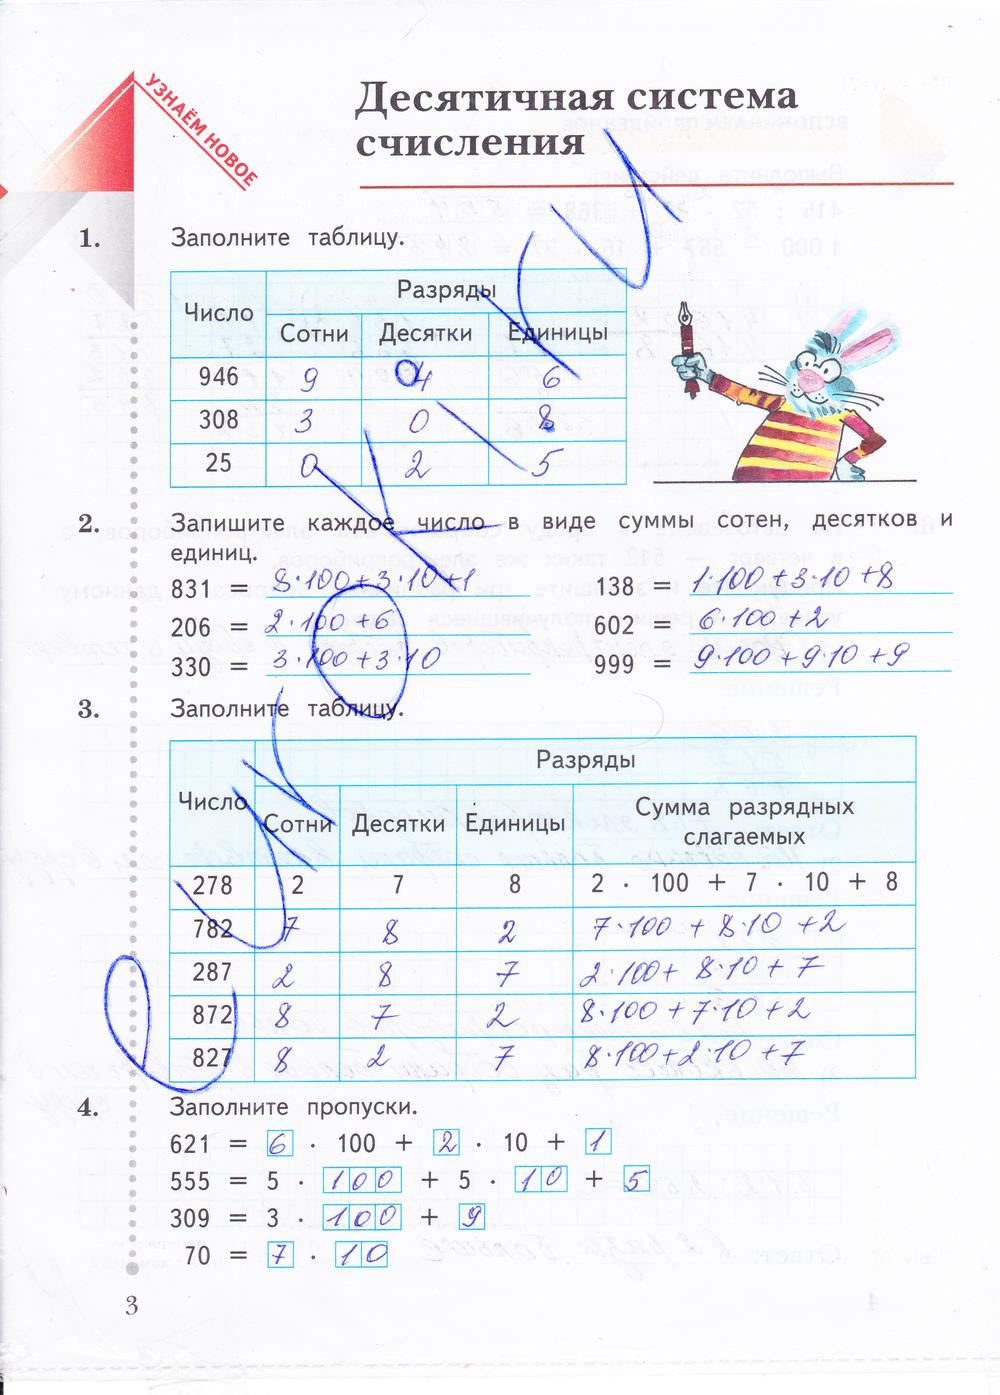 гдз по математике 4 класс 2 часть рабочая тетрадь рудницкая юдачева